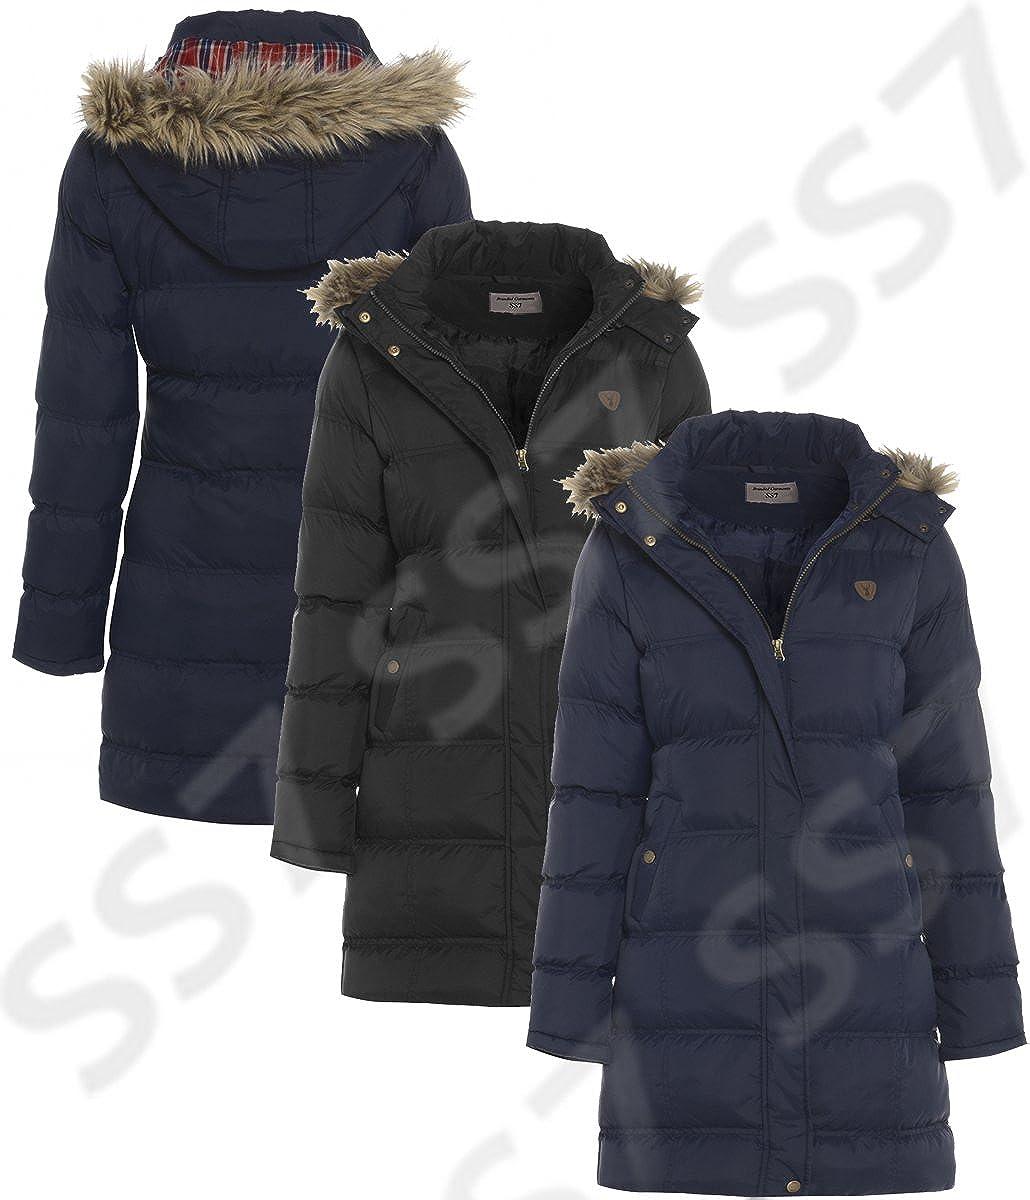 Ladies parka coats size 24